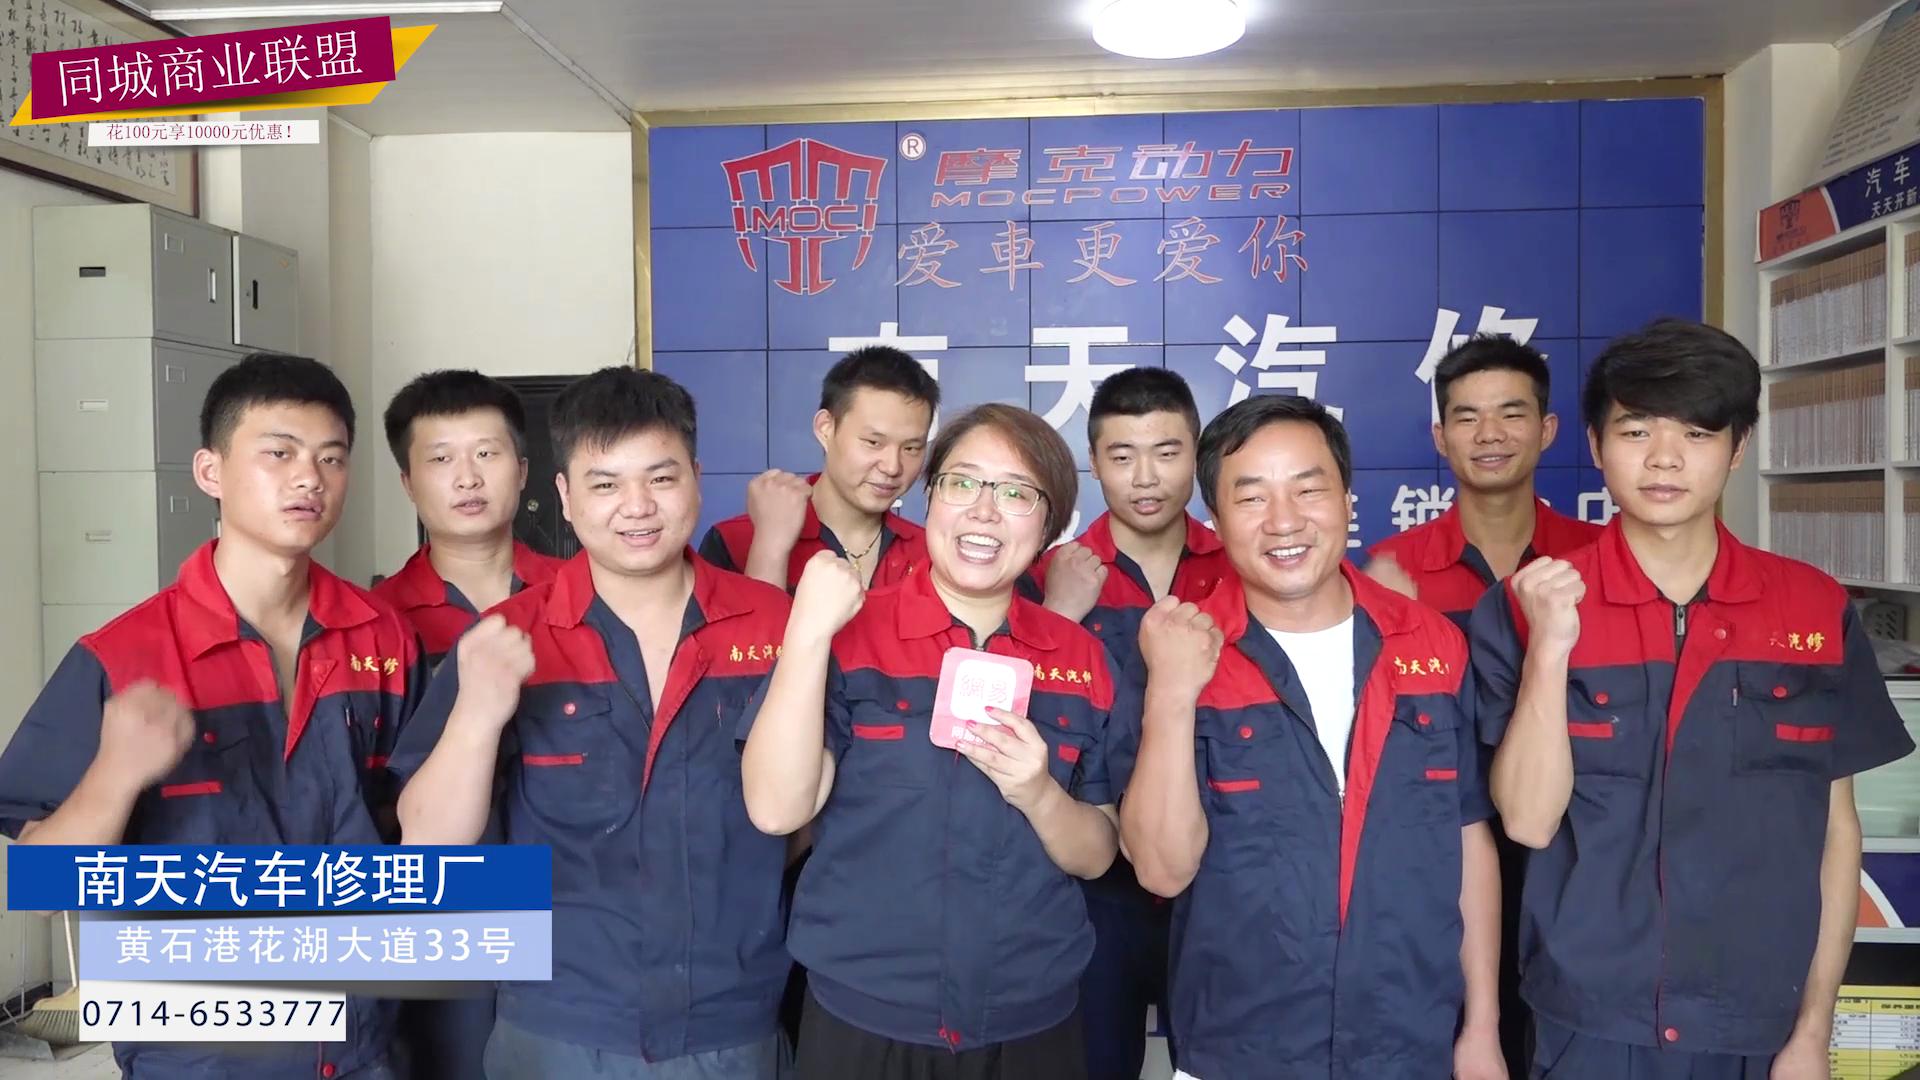 黄石同城百业联盟--南天汽车修理厂